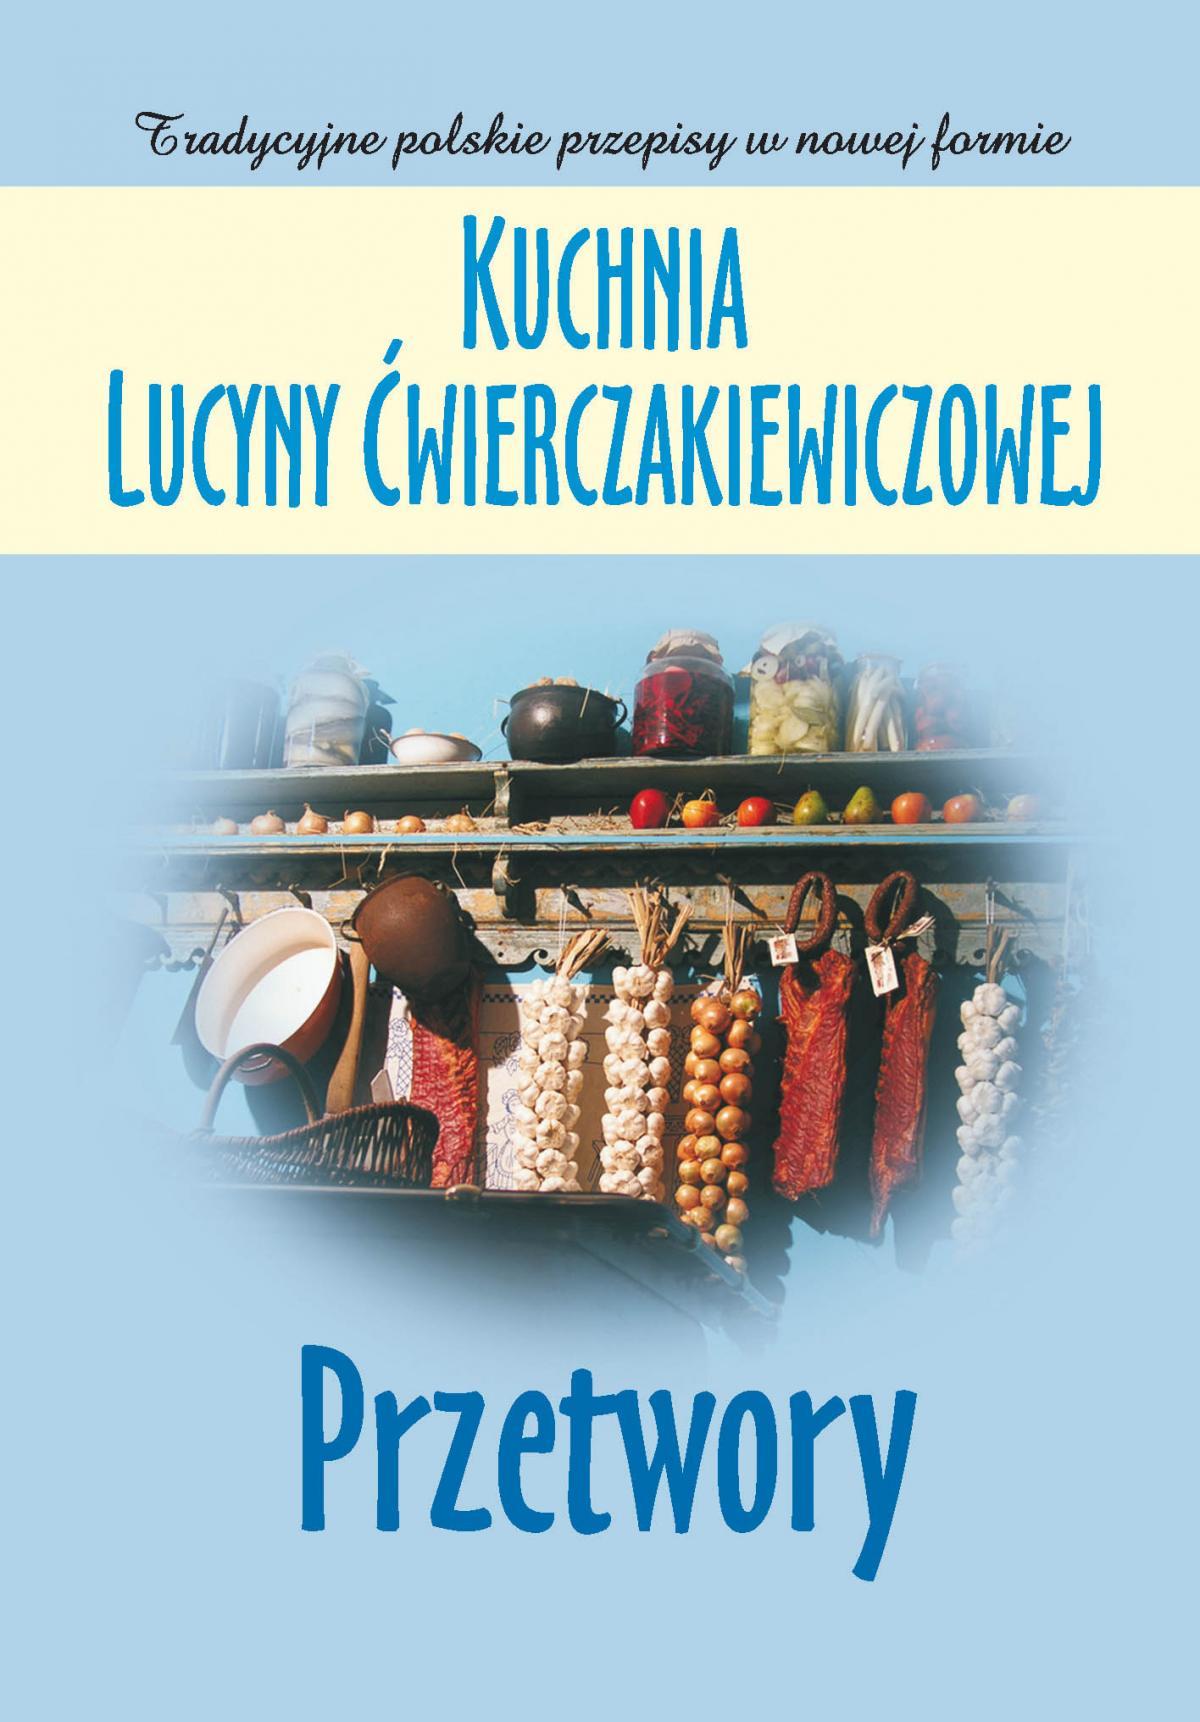 Kuchnia Lucyny Ćwierczakiewiczowej. Przetwory - Ebook (Książka na Kindle) do pobrania w formacie MOBI